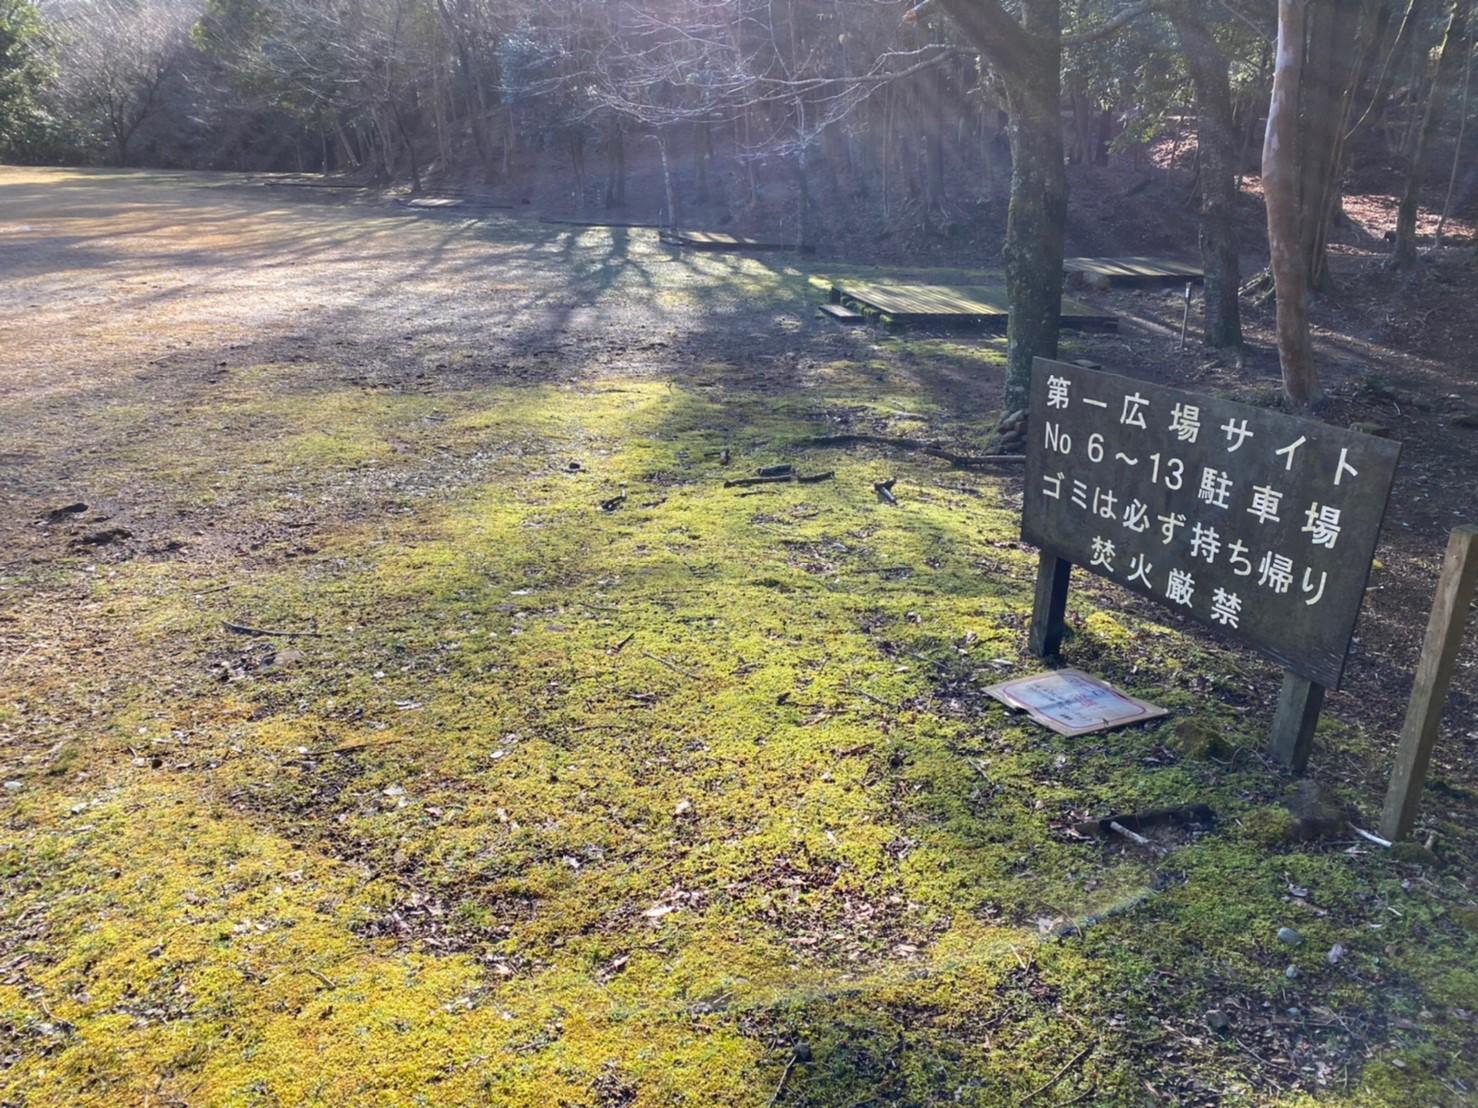 【静岡県】伊豆市『市民の森』のキャンプ場情報